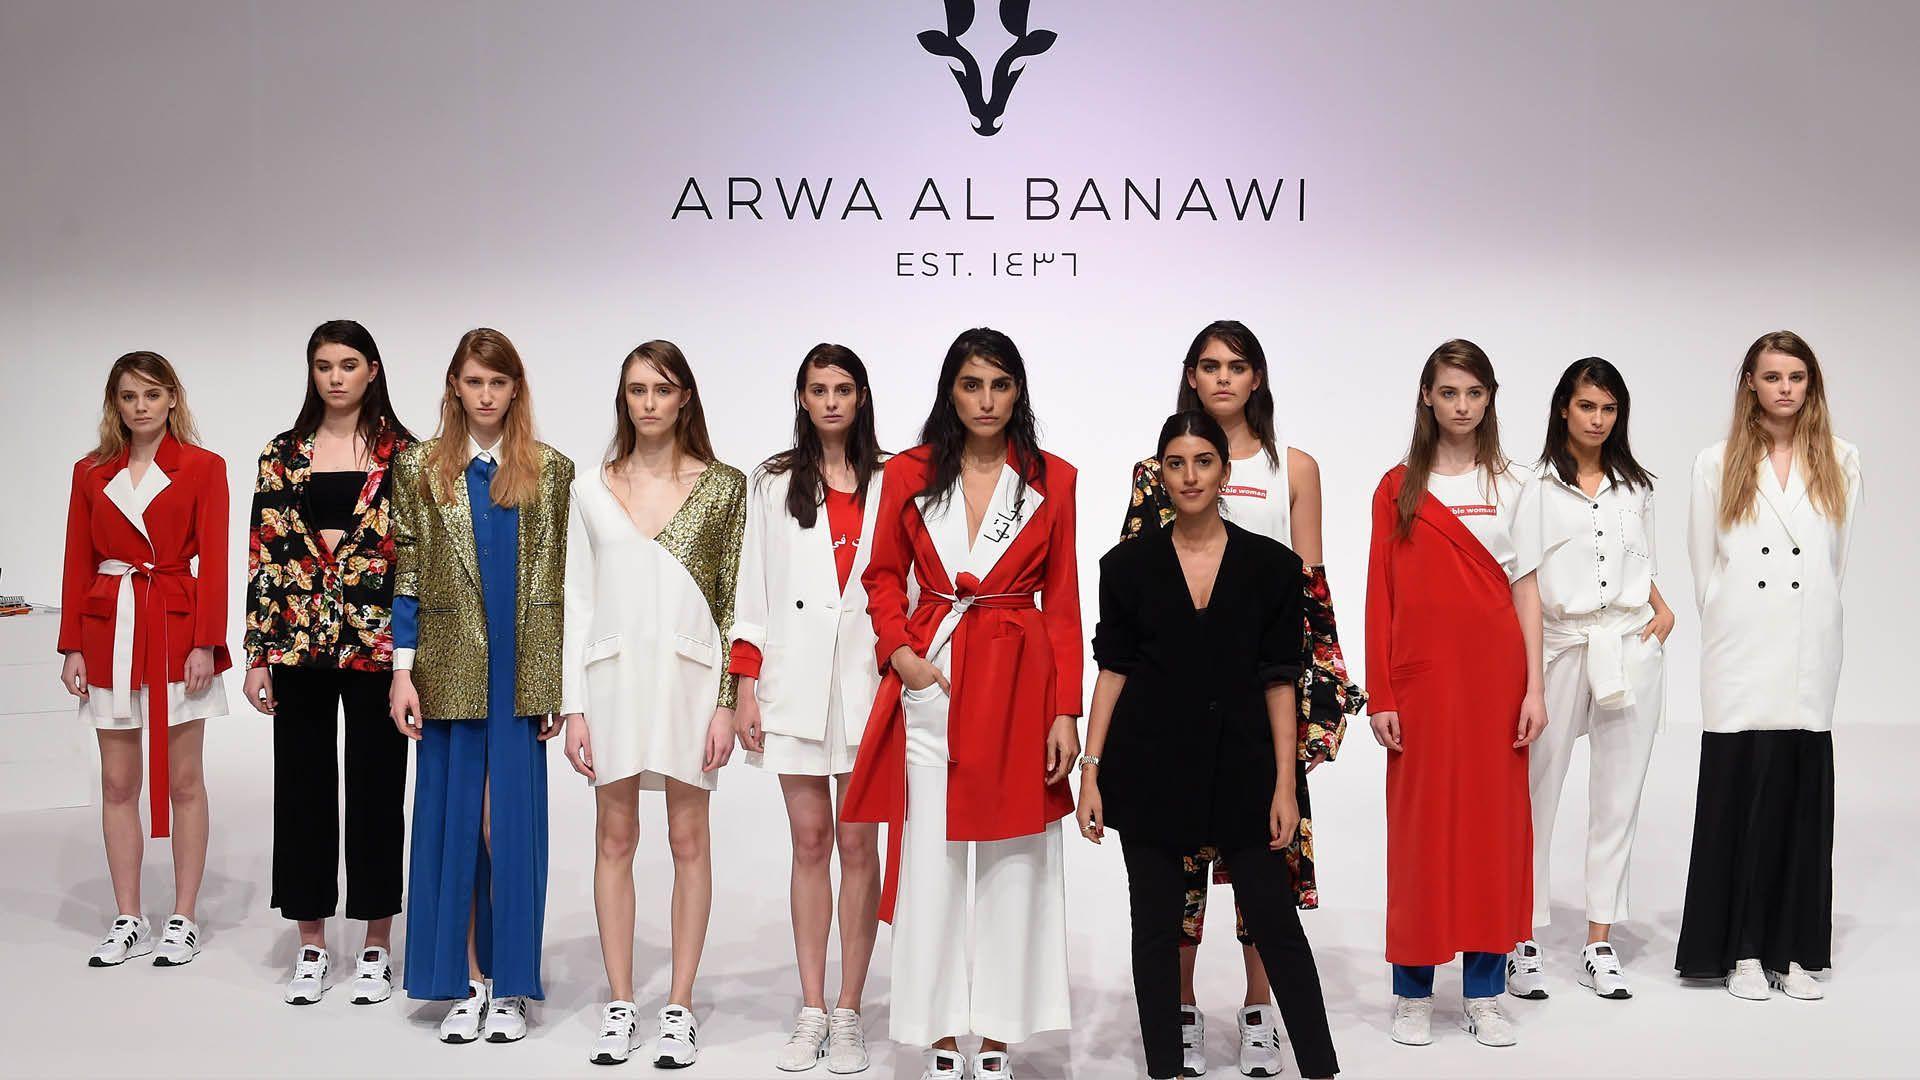 Arwa Al Banawi